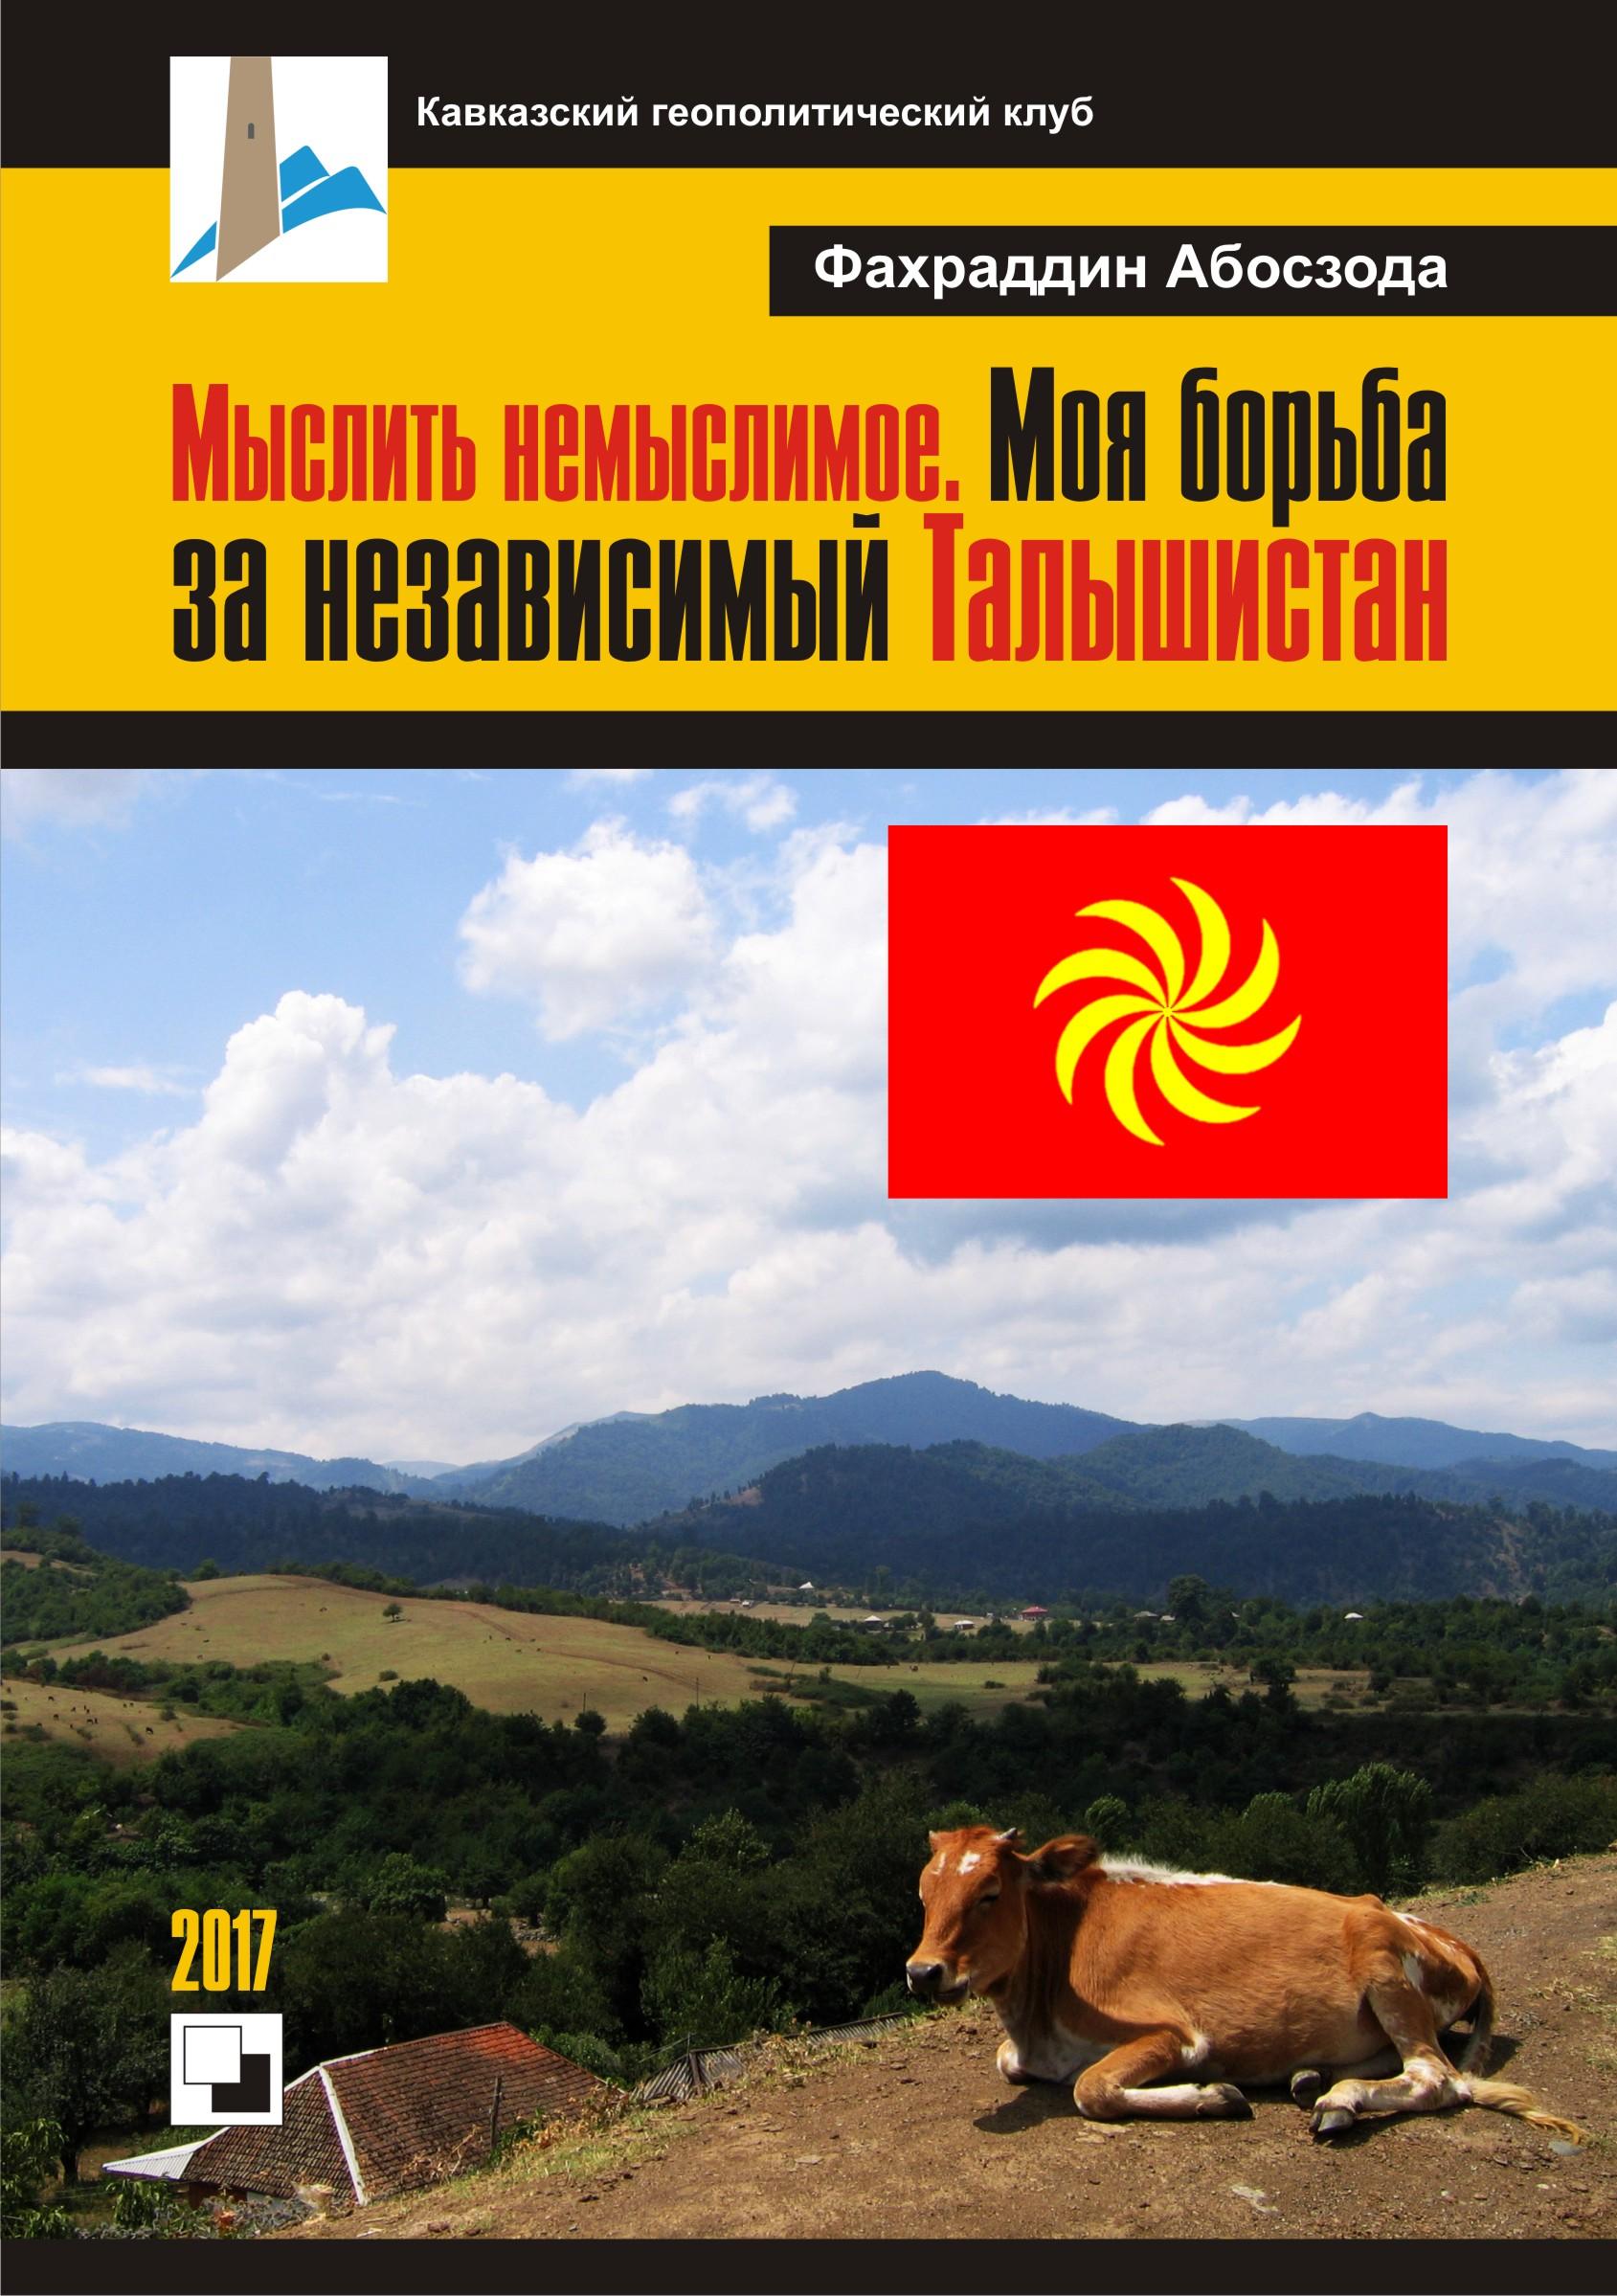 КНИГА. Абосзода Ф. «Мыслить немыслимое. Моя борьба за независимый Талышистан»